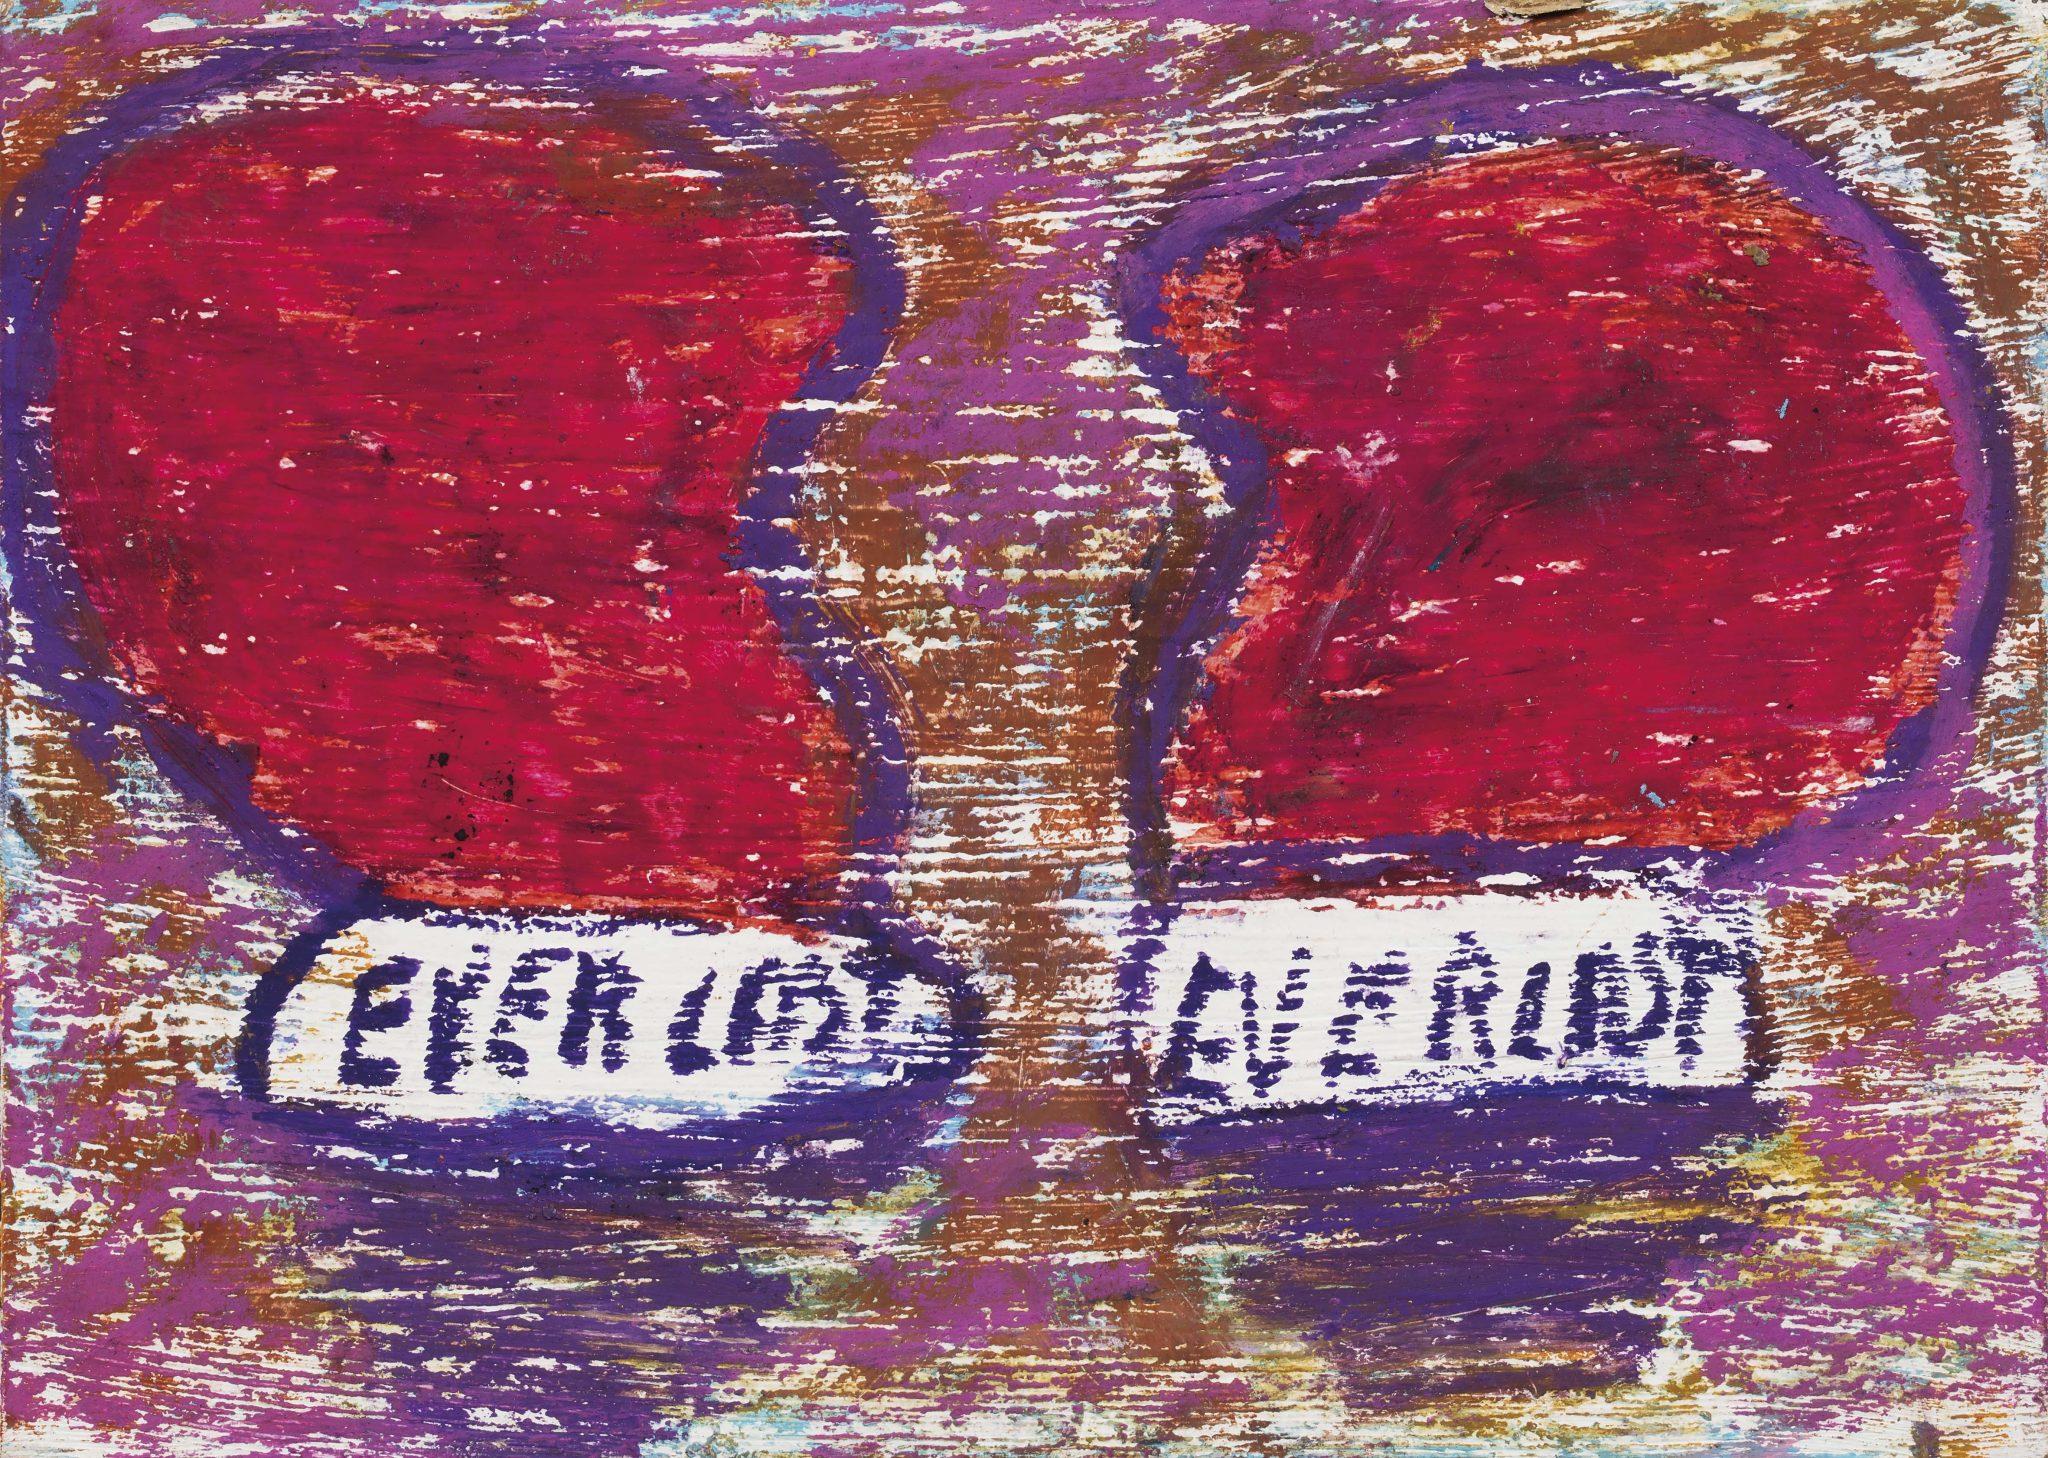 pandolfini JEAN-MICHEL BASQUIAT (New York, USA 1960 - New York, USA 1988) Senza titolo (Everlast) acrilico, olio e pigmenti organici su cartolina, cm 17,78x12,7 eseguito nel 1982 L'opera è accompagnata da autentica rilasciata nel 2000, dal Authentication Committee of the Estate of Jean-Michel Basquiat L'opera è registrata presso l'Authentication Committee of the Estate of Jean-Michel Basquiat, con il numero n. 10874 Provenienza Collezione privata, Usa Collezione privata, Arezzo Prima ancora di iniziare a dipingere insieme alla metà degli anni ottanta, Andy Warhol e Jean-Michel Basquiat condividevano un analogo interesse per determinati soggetti e temi. Erano entrambi affascinati dalla combinazione di testi e scritti o stampati e immagini, ed entrambi attinsero soggetti della cultura popolare. Nelle sue opere fondamentali dei primi anni sessanta Warhol, aveva usato ripetutamente titoli di giornali, pubblicità, marchi di fabbrica e prezzi di prodotti, personaggi dei fumetti e celebrità come soggetti dei suoi dipinti e dei suoi disegni. L'opera di Basquiat, realizzata vent'anni dopo, s'imperniava su elementi simili, ma accostati da una prospettiva diversa. Fu un evento fortuito e profetico quando i due artisti vennero inviati a lavorare insieme. Nel 1984 Bruno Bischofberger chiese a Warhol, a Basquait e a Francesco Clemente di creare dei dipinti in collaborazione. Warhol apprezzava la compagnia e la creatività di Basquiat, e viceversa, e fra i due si instaurò una forte amicizia, non solo su basi professonali ma anche personali. Da questo momento continuarono a collaborare, per molti anni realizzando tele importanti, e come testimonia questo lavoro di Basquiat, legato alla boxe e precursore della mostra che realizzarono insieme presso la Galleria Tony Shafrazi, negli anni a seguire. Fu Basquait a chiedere al fotografo Halsband se avesse fotografato un poster in stile boxing tradizionale che lui e Warhol desideravano per un nuovo spettacolo. Il risultato, letteralmente, 